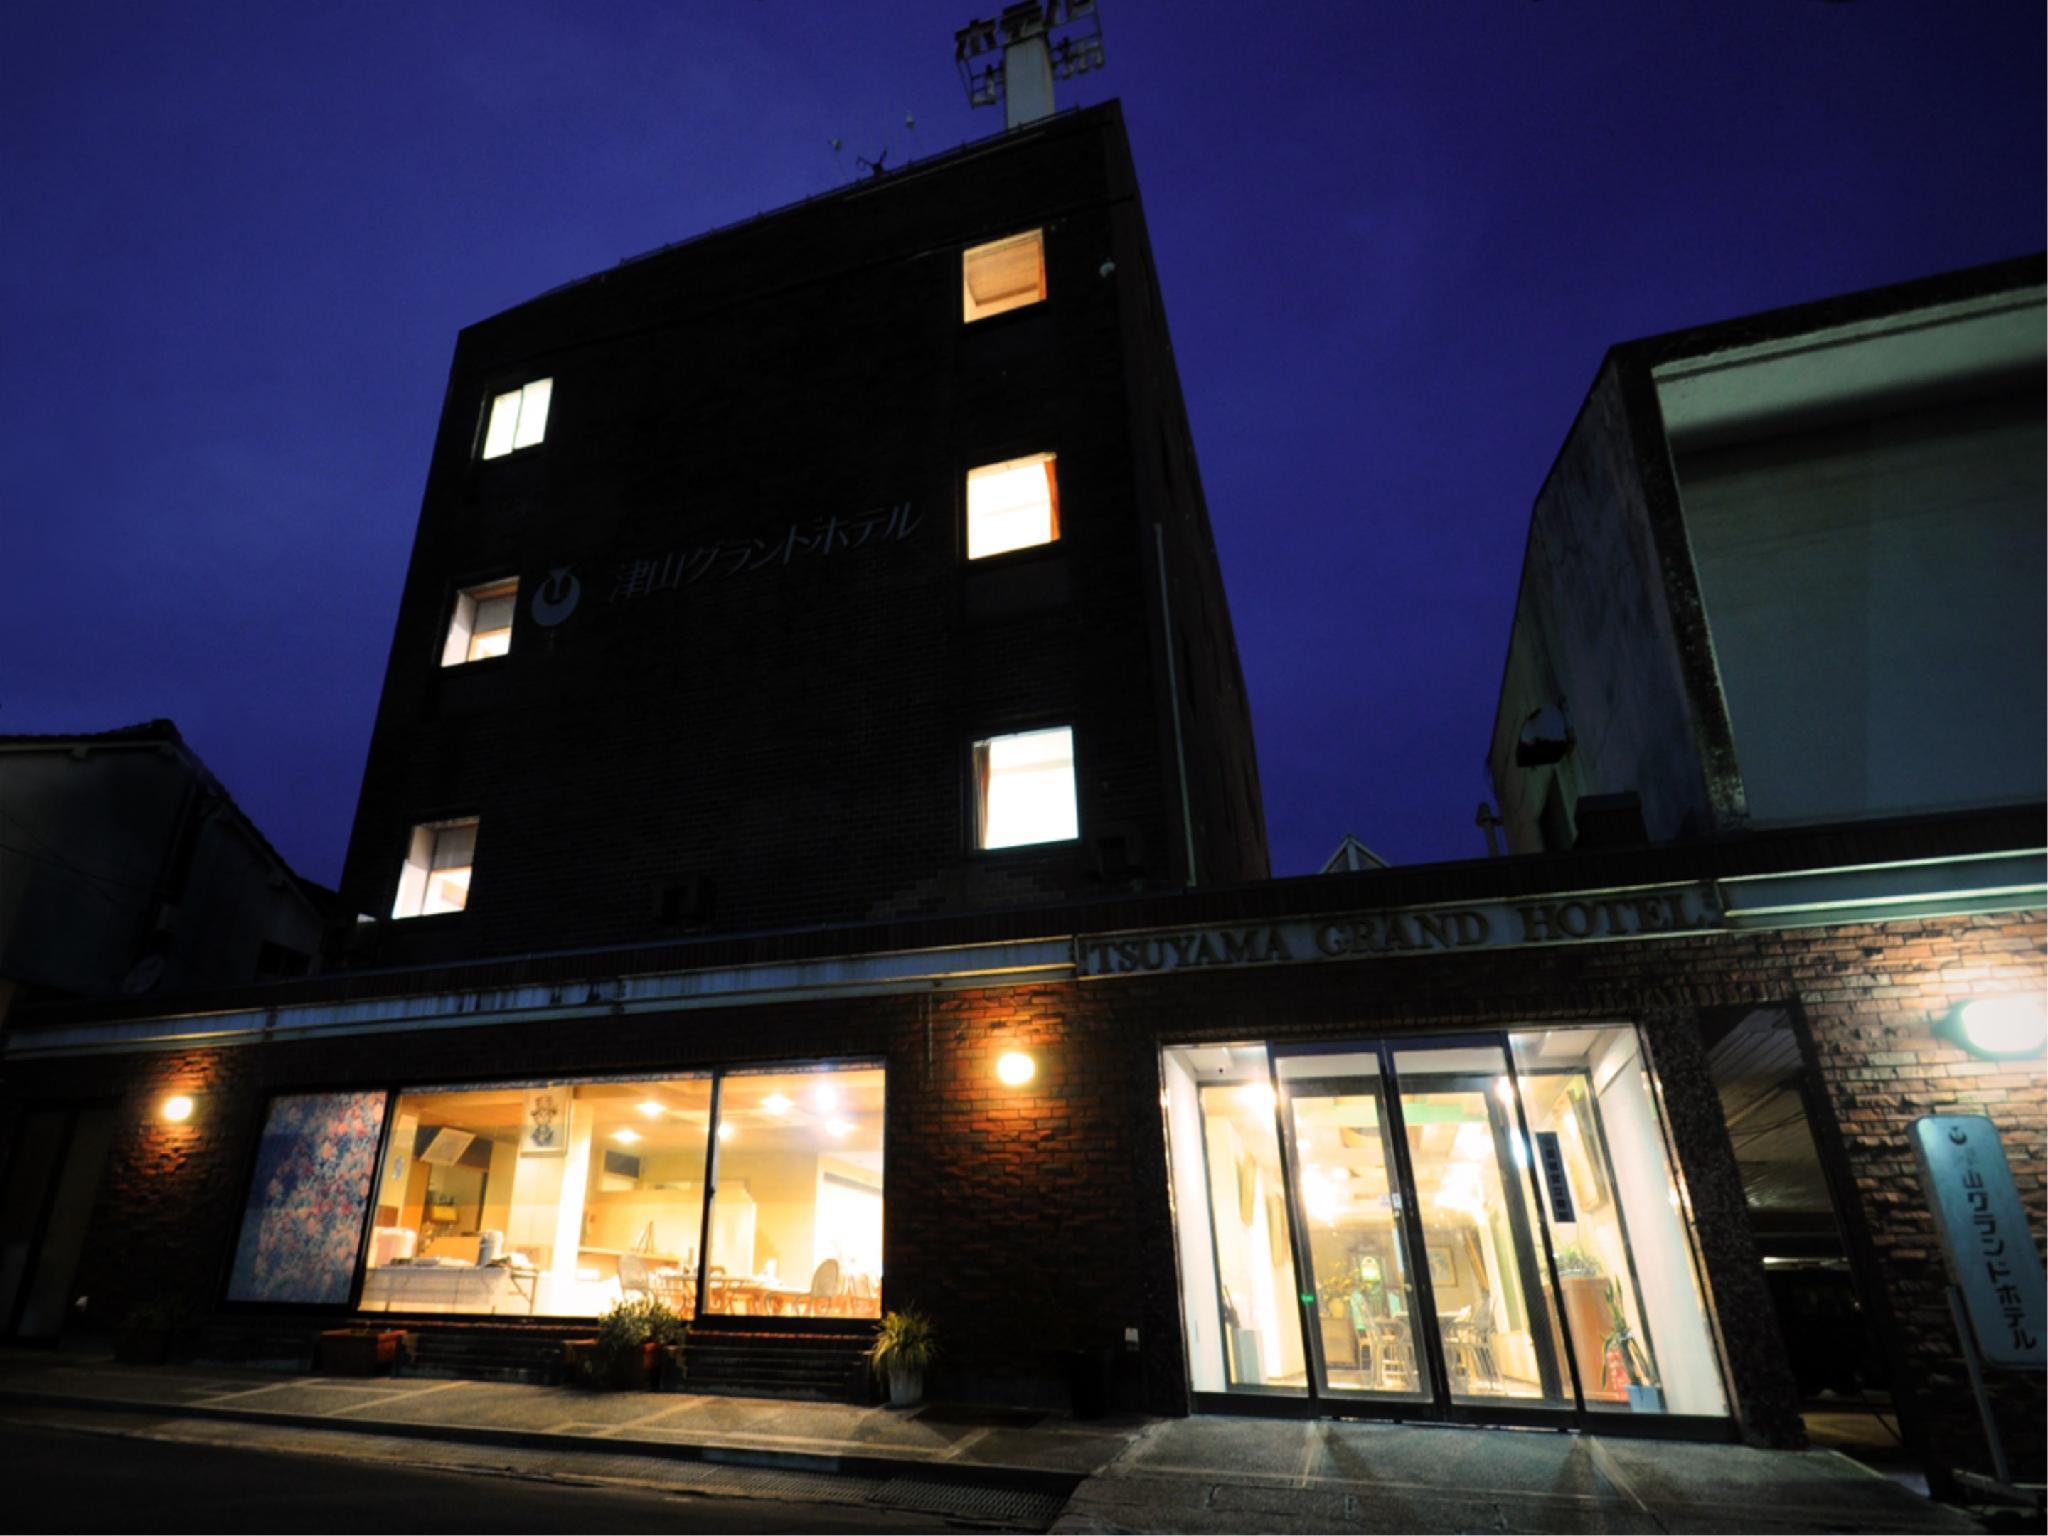 Tsuyama Grand Hotel, Tsuyama